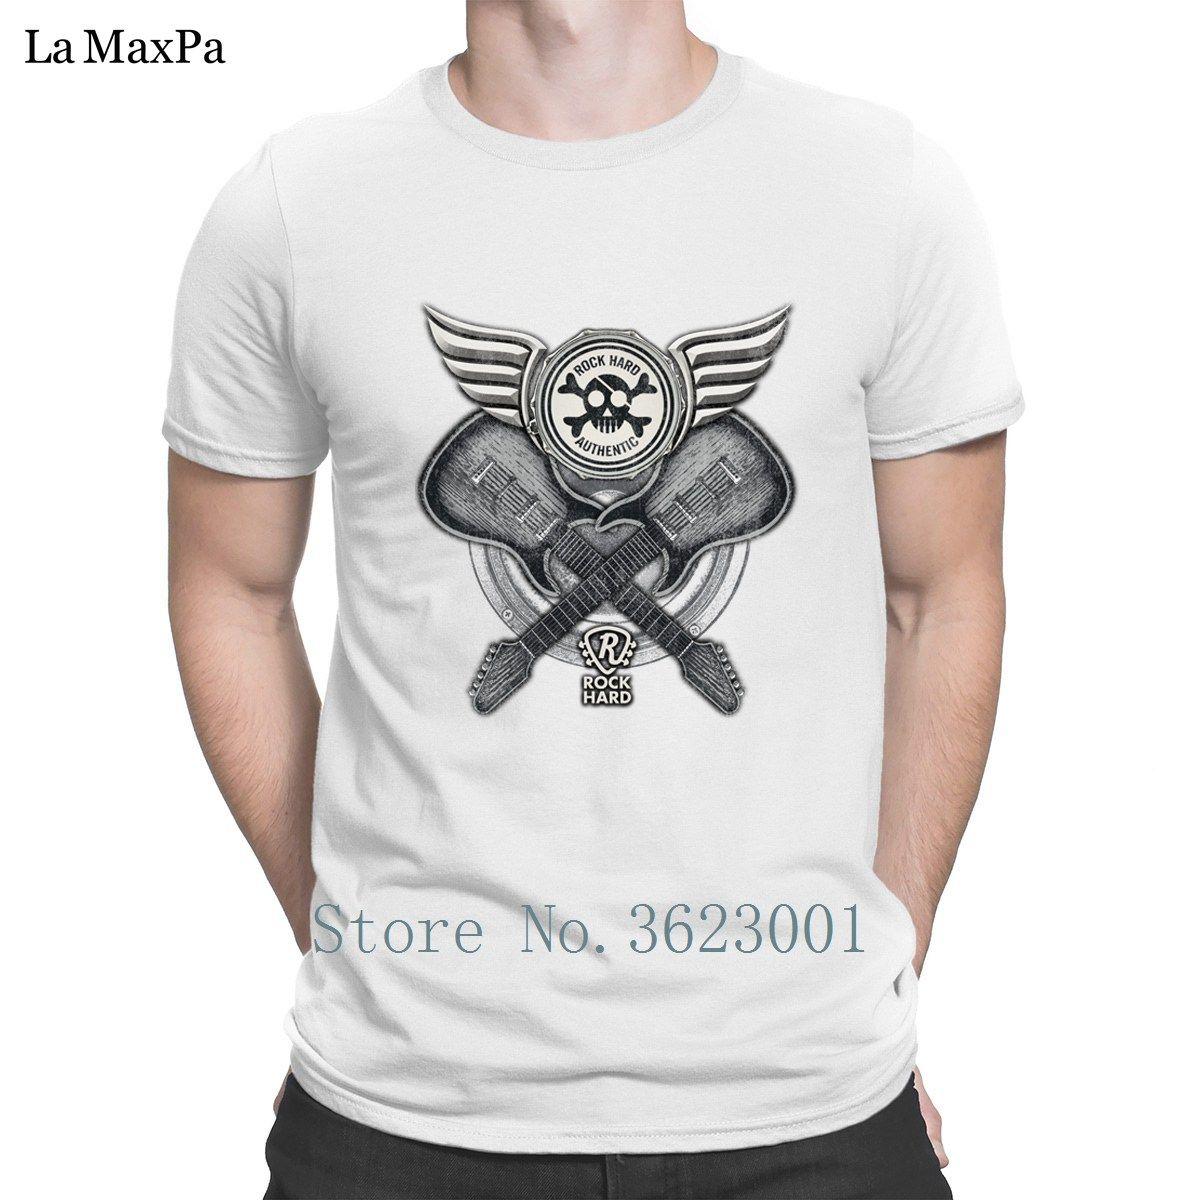 Erkek Gents Rh İkiz Gitar Tişörtler Man Süper Funky Kısa Kollu Tee Gömlek Sevimli İçin Son Cool T Gömlek